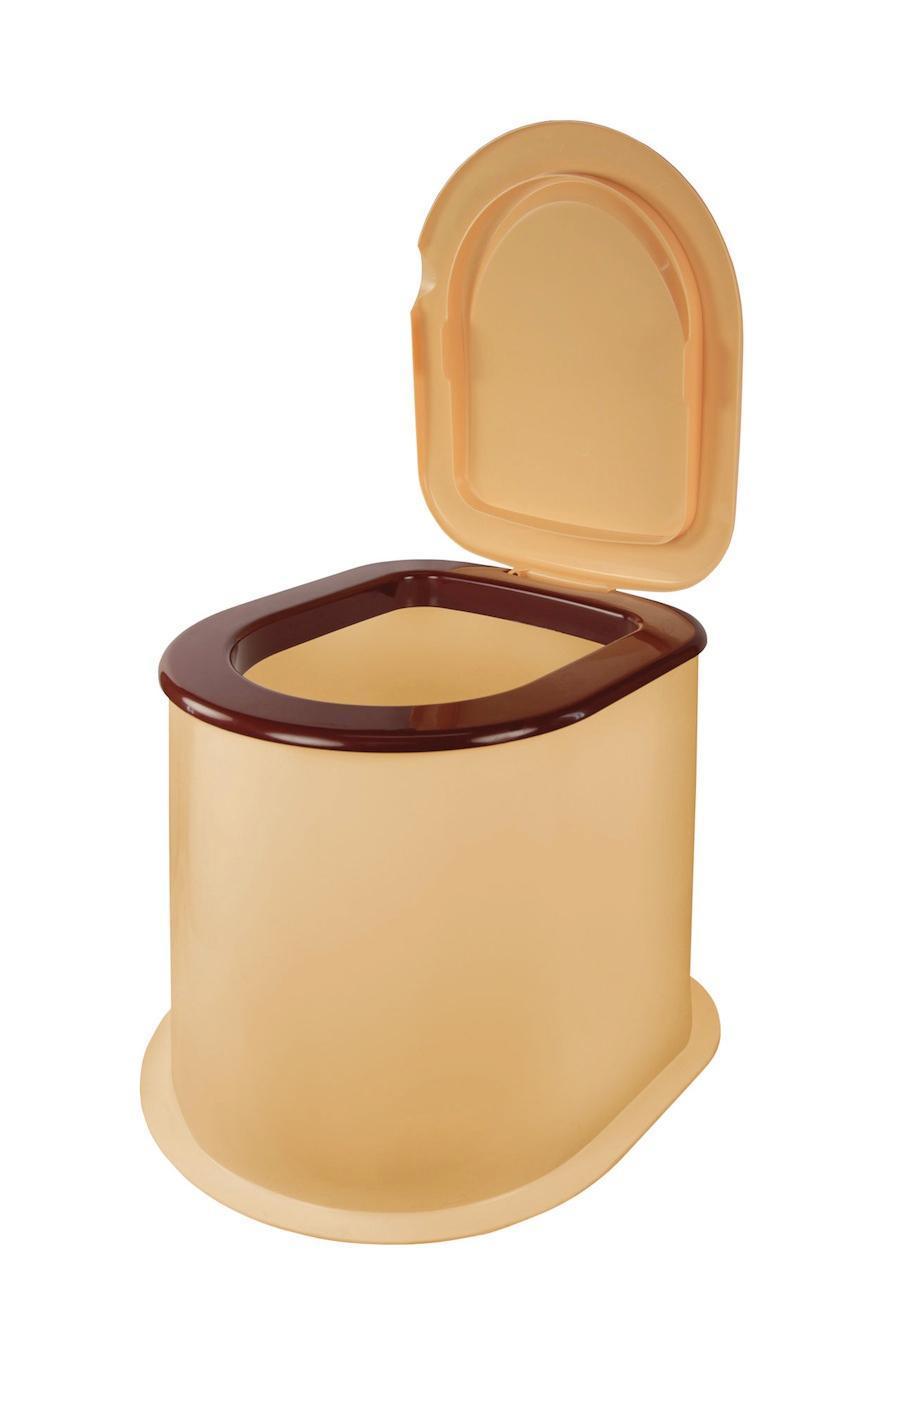 Туалет дачный Альтернатива, цвет: бежевый. М1295M1295Дачный туалет Альтернатива выполнен из пластика и предназначен для монтажа на яму. Удобен в использовании на дачному участке. Оснащен съемным сиденьем с крышкой. В комплекте: - стойка, - сиденье с крышкой, - 8 саморезов. Размер (без сиденья): 47 см х 41 см х 36 см. Размер сиденья (с крышкой): 40 см х 34 см х 6,5 см.